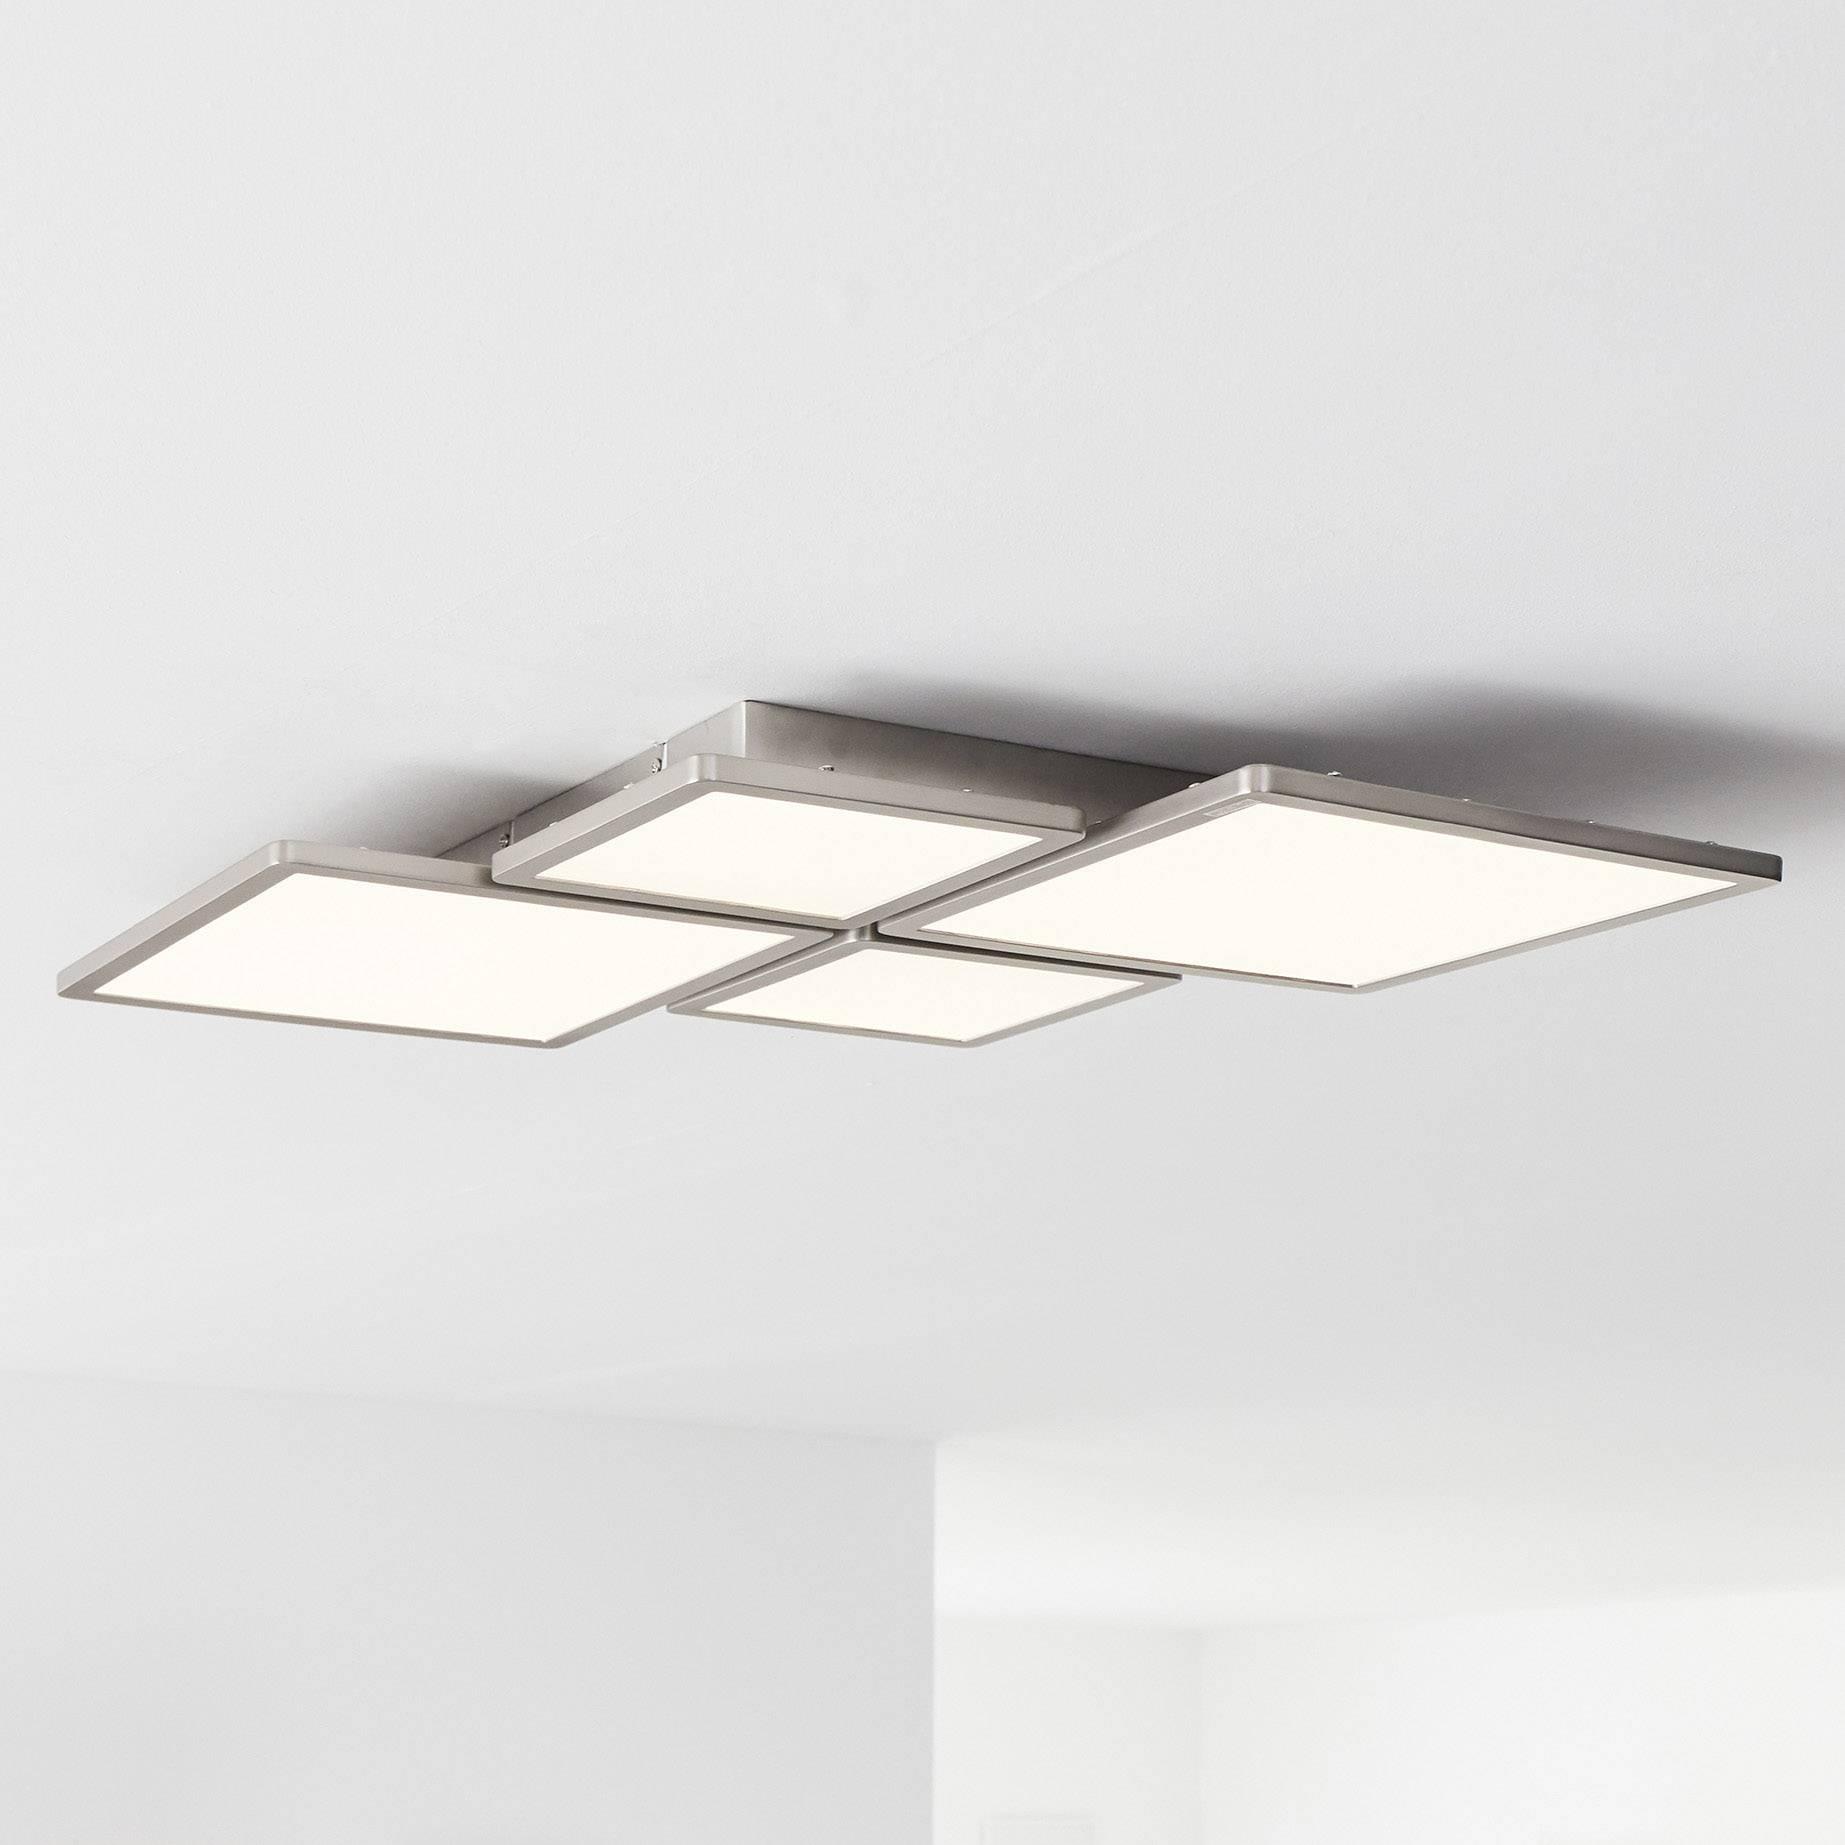 LED Panel 43 W Warm Weiß, Neutral Weiß, Tageslicht Weiß